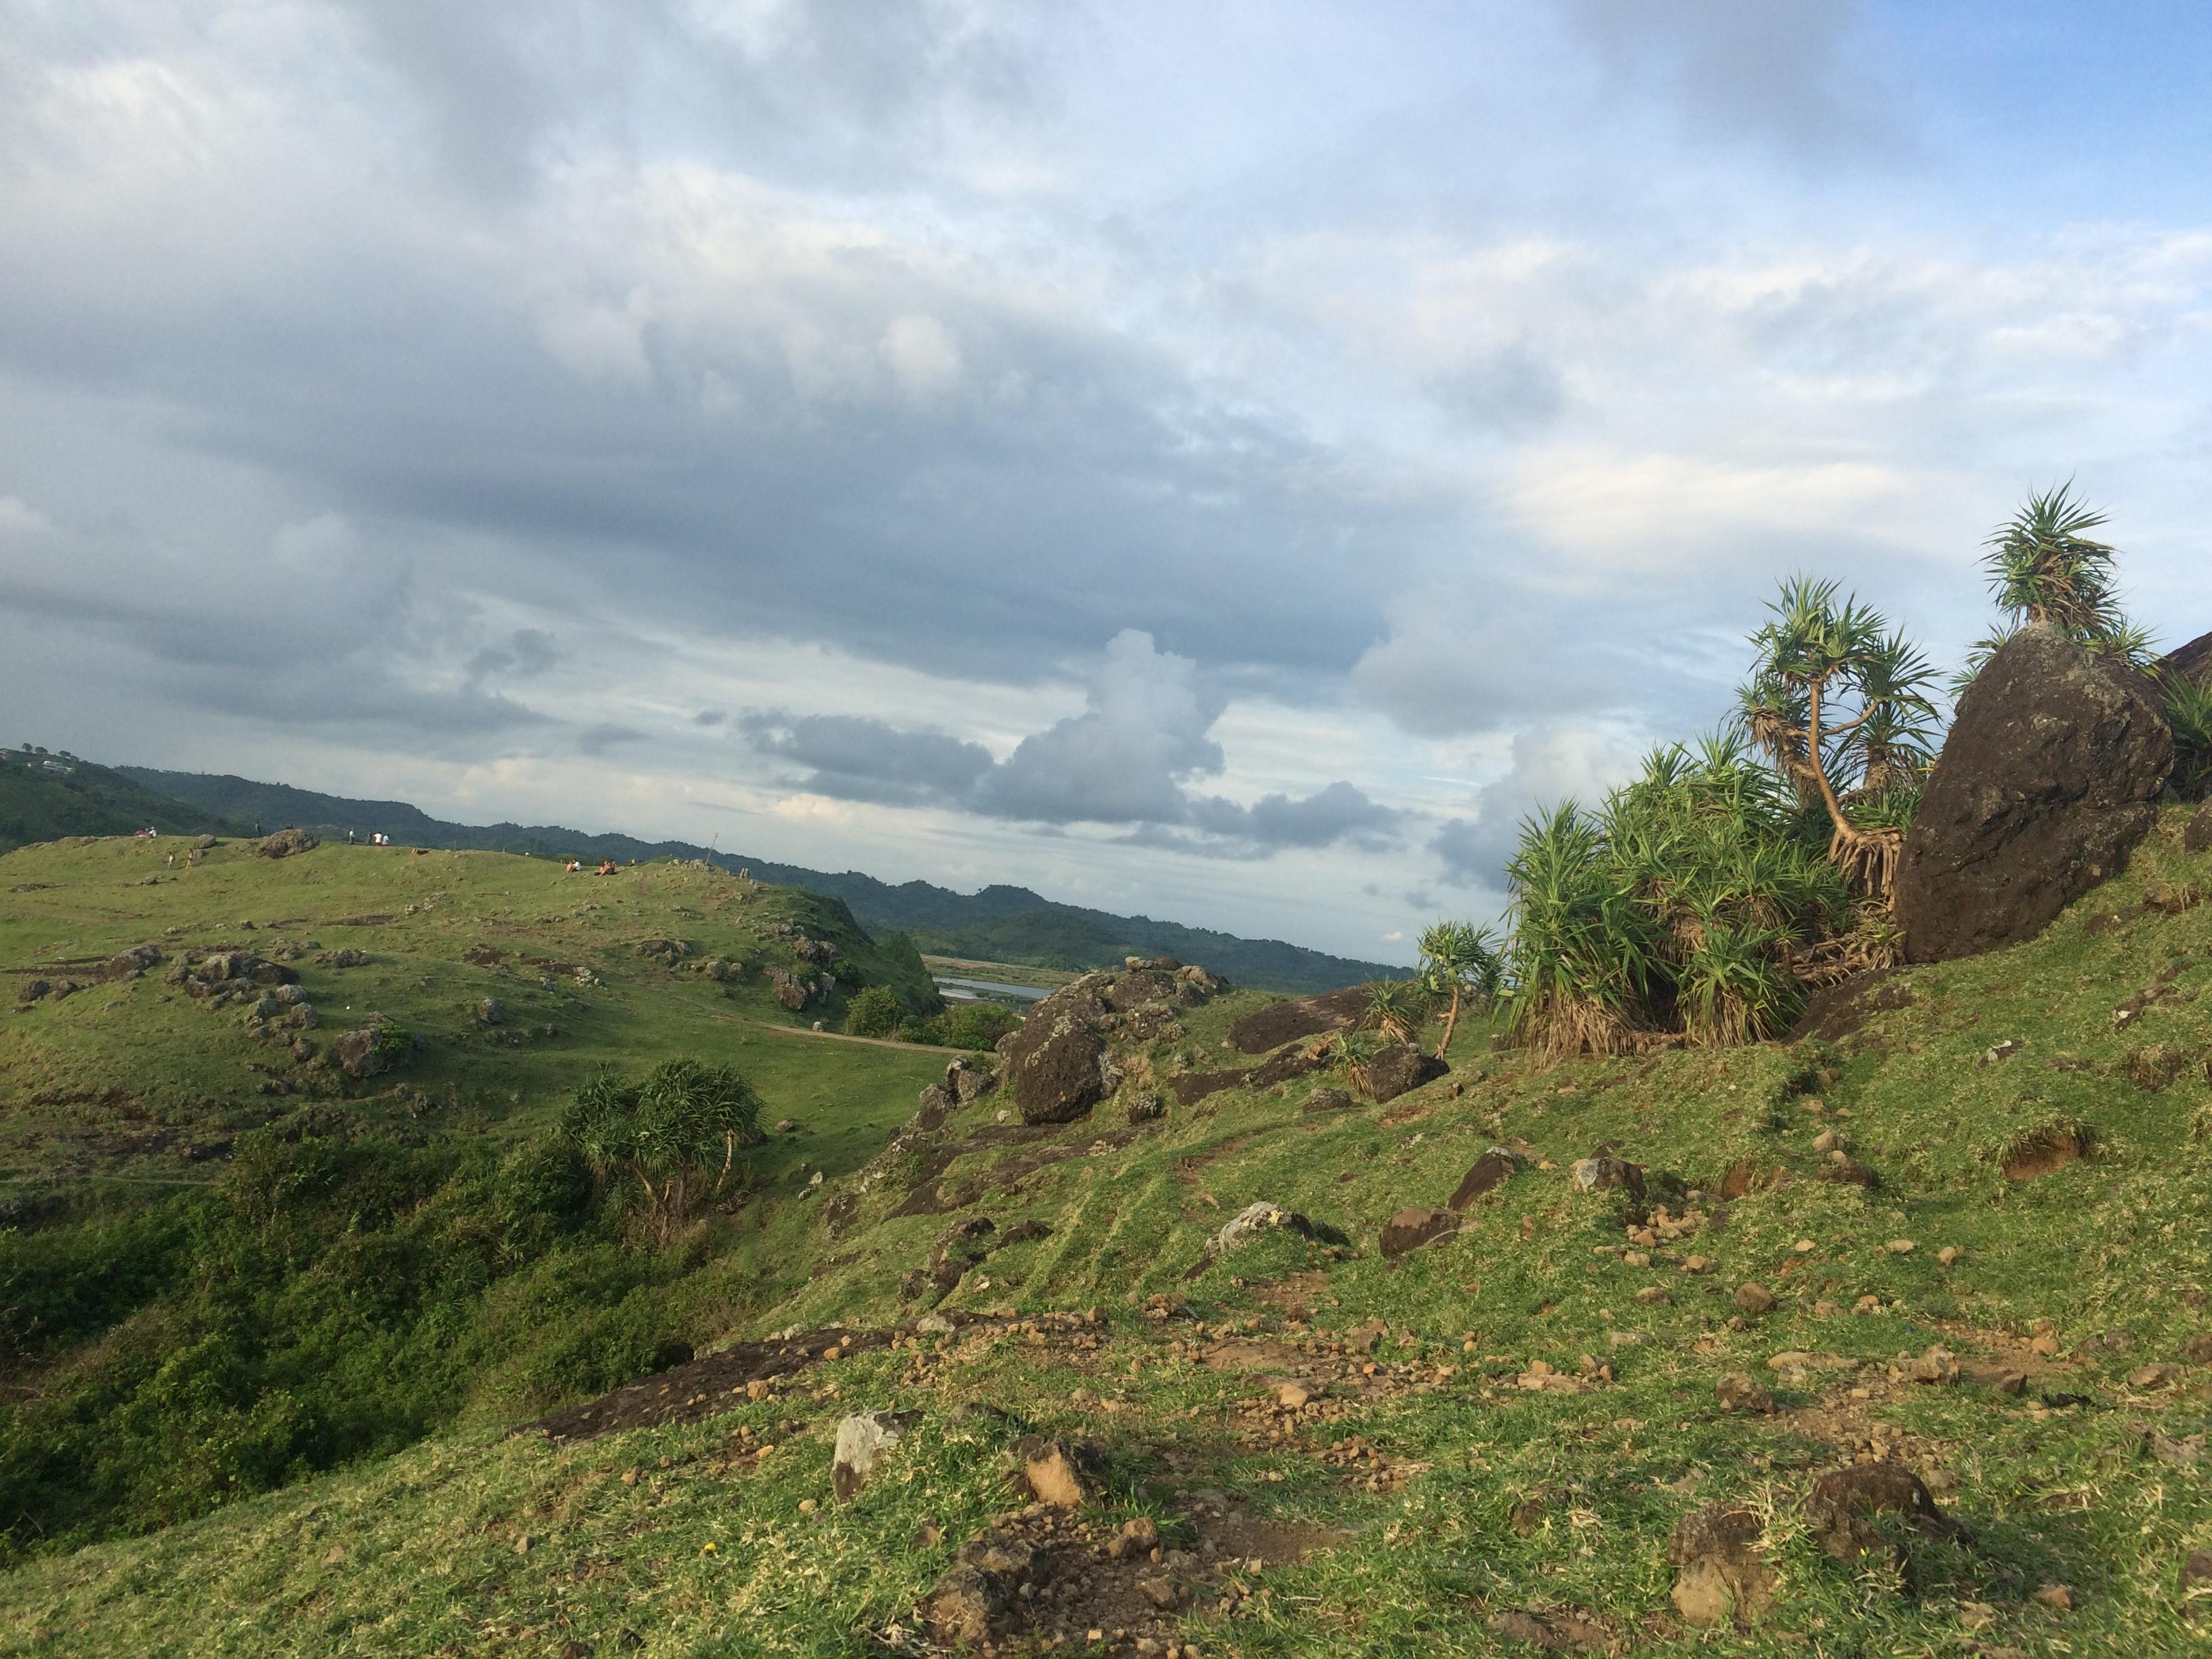 Vue colline de TAJUNGANN, Lombok, Indonésie